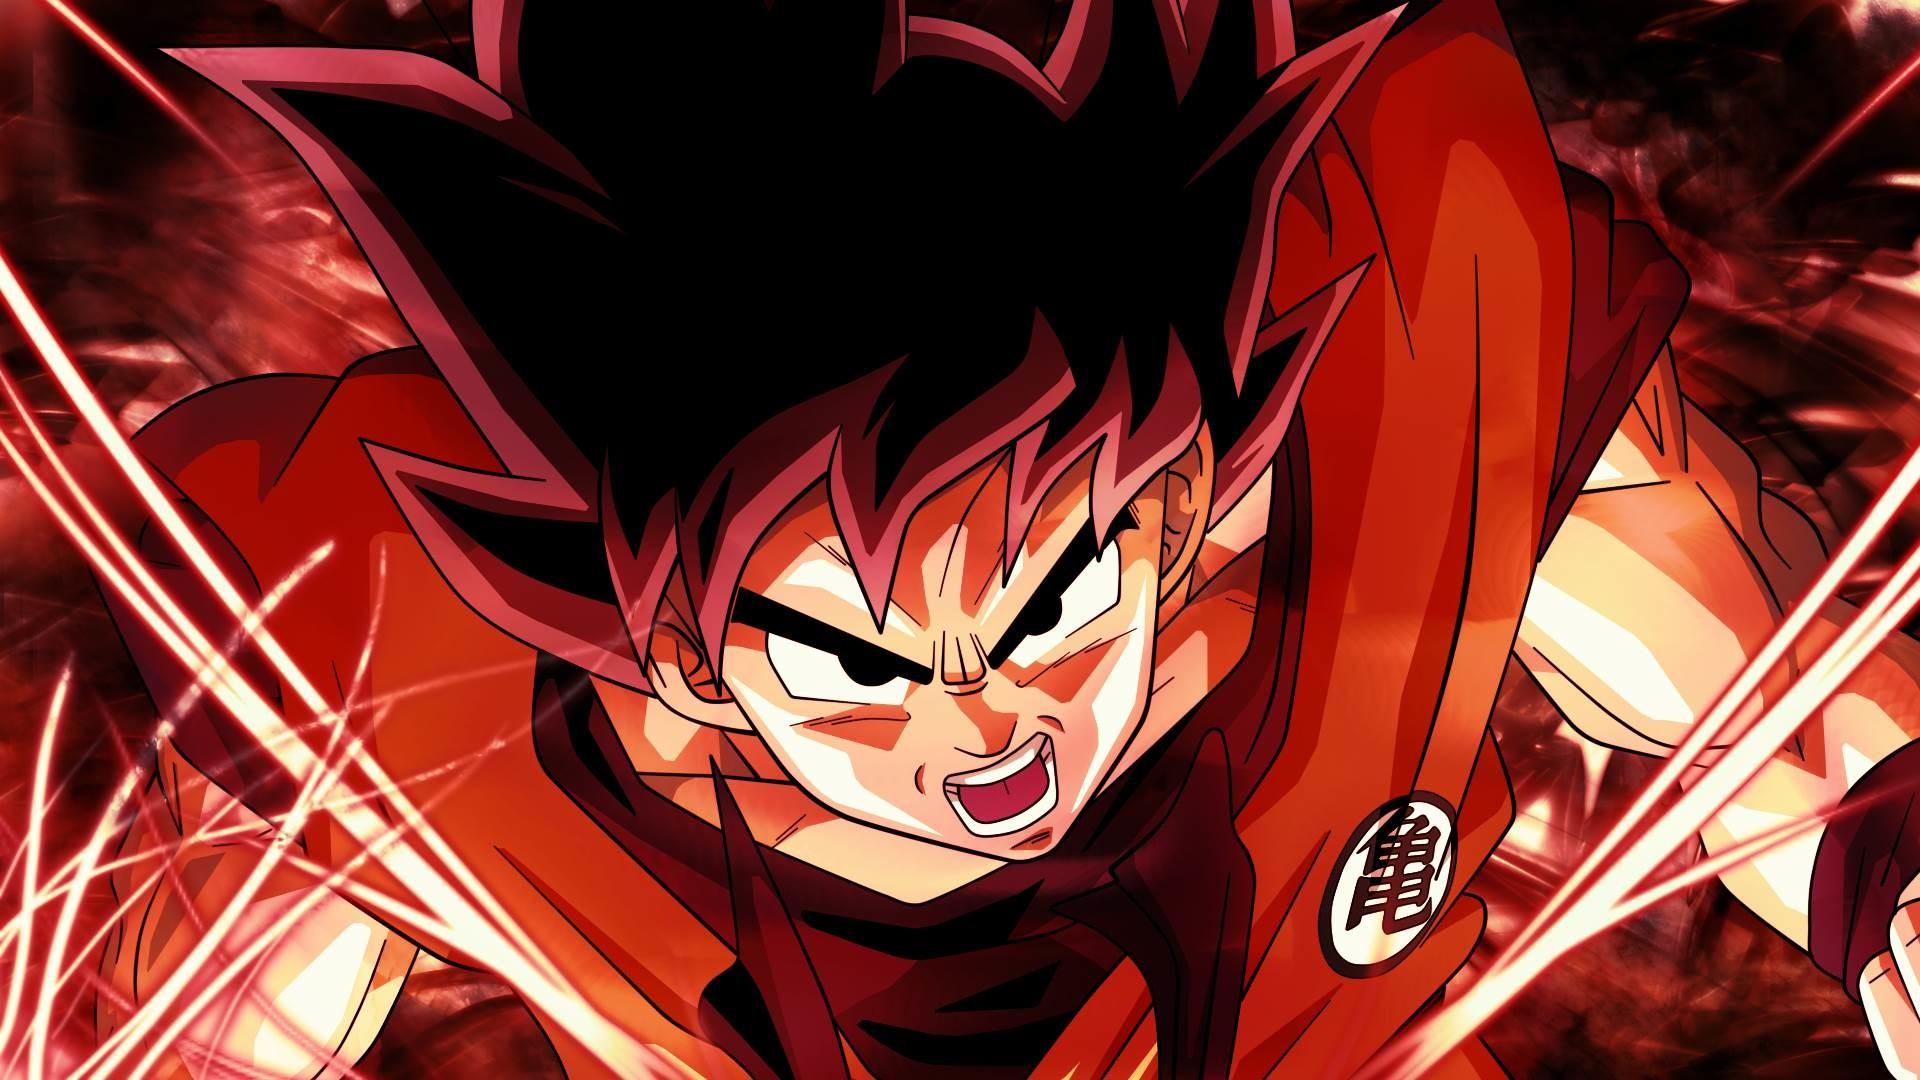 Dragon Ball Super Saiyan of Son Goku for Wallpaper HD Wallpapers Goku Super  Saiyan 4 HD Wallpapers